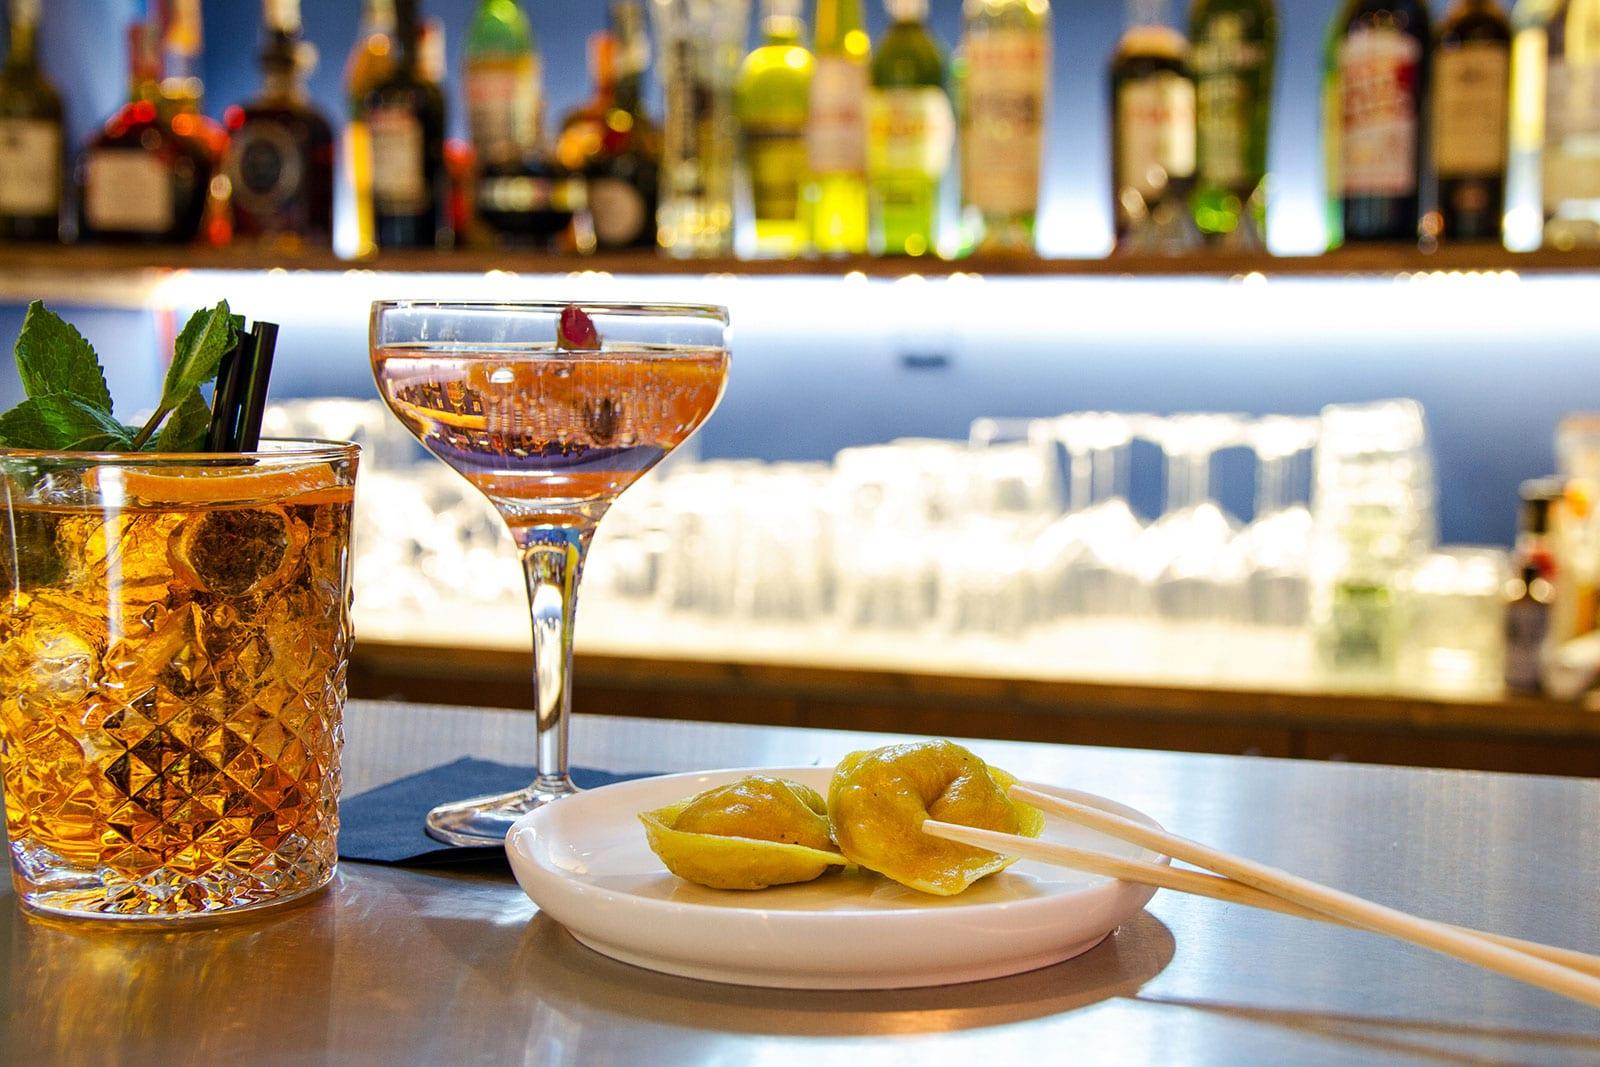 ghe-sem-milano-ravioli-cocktail